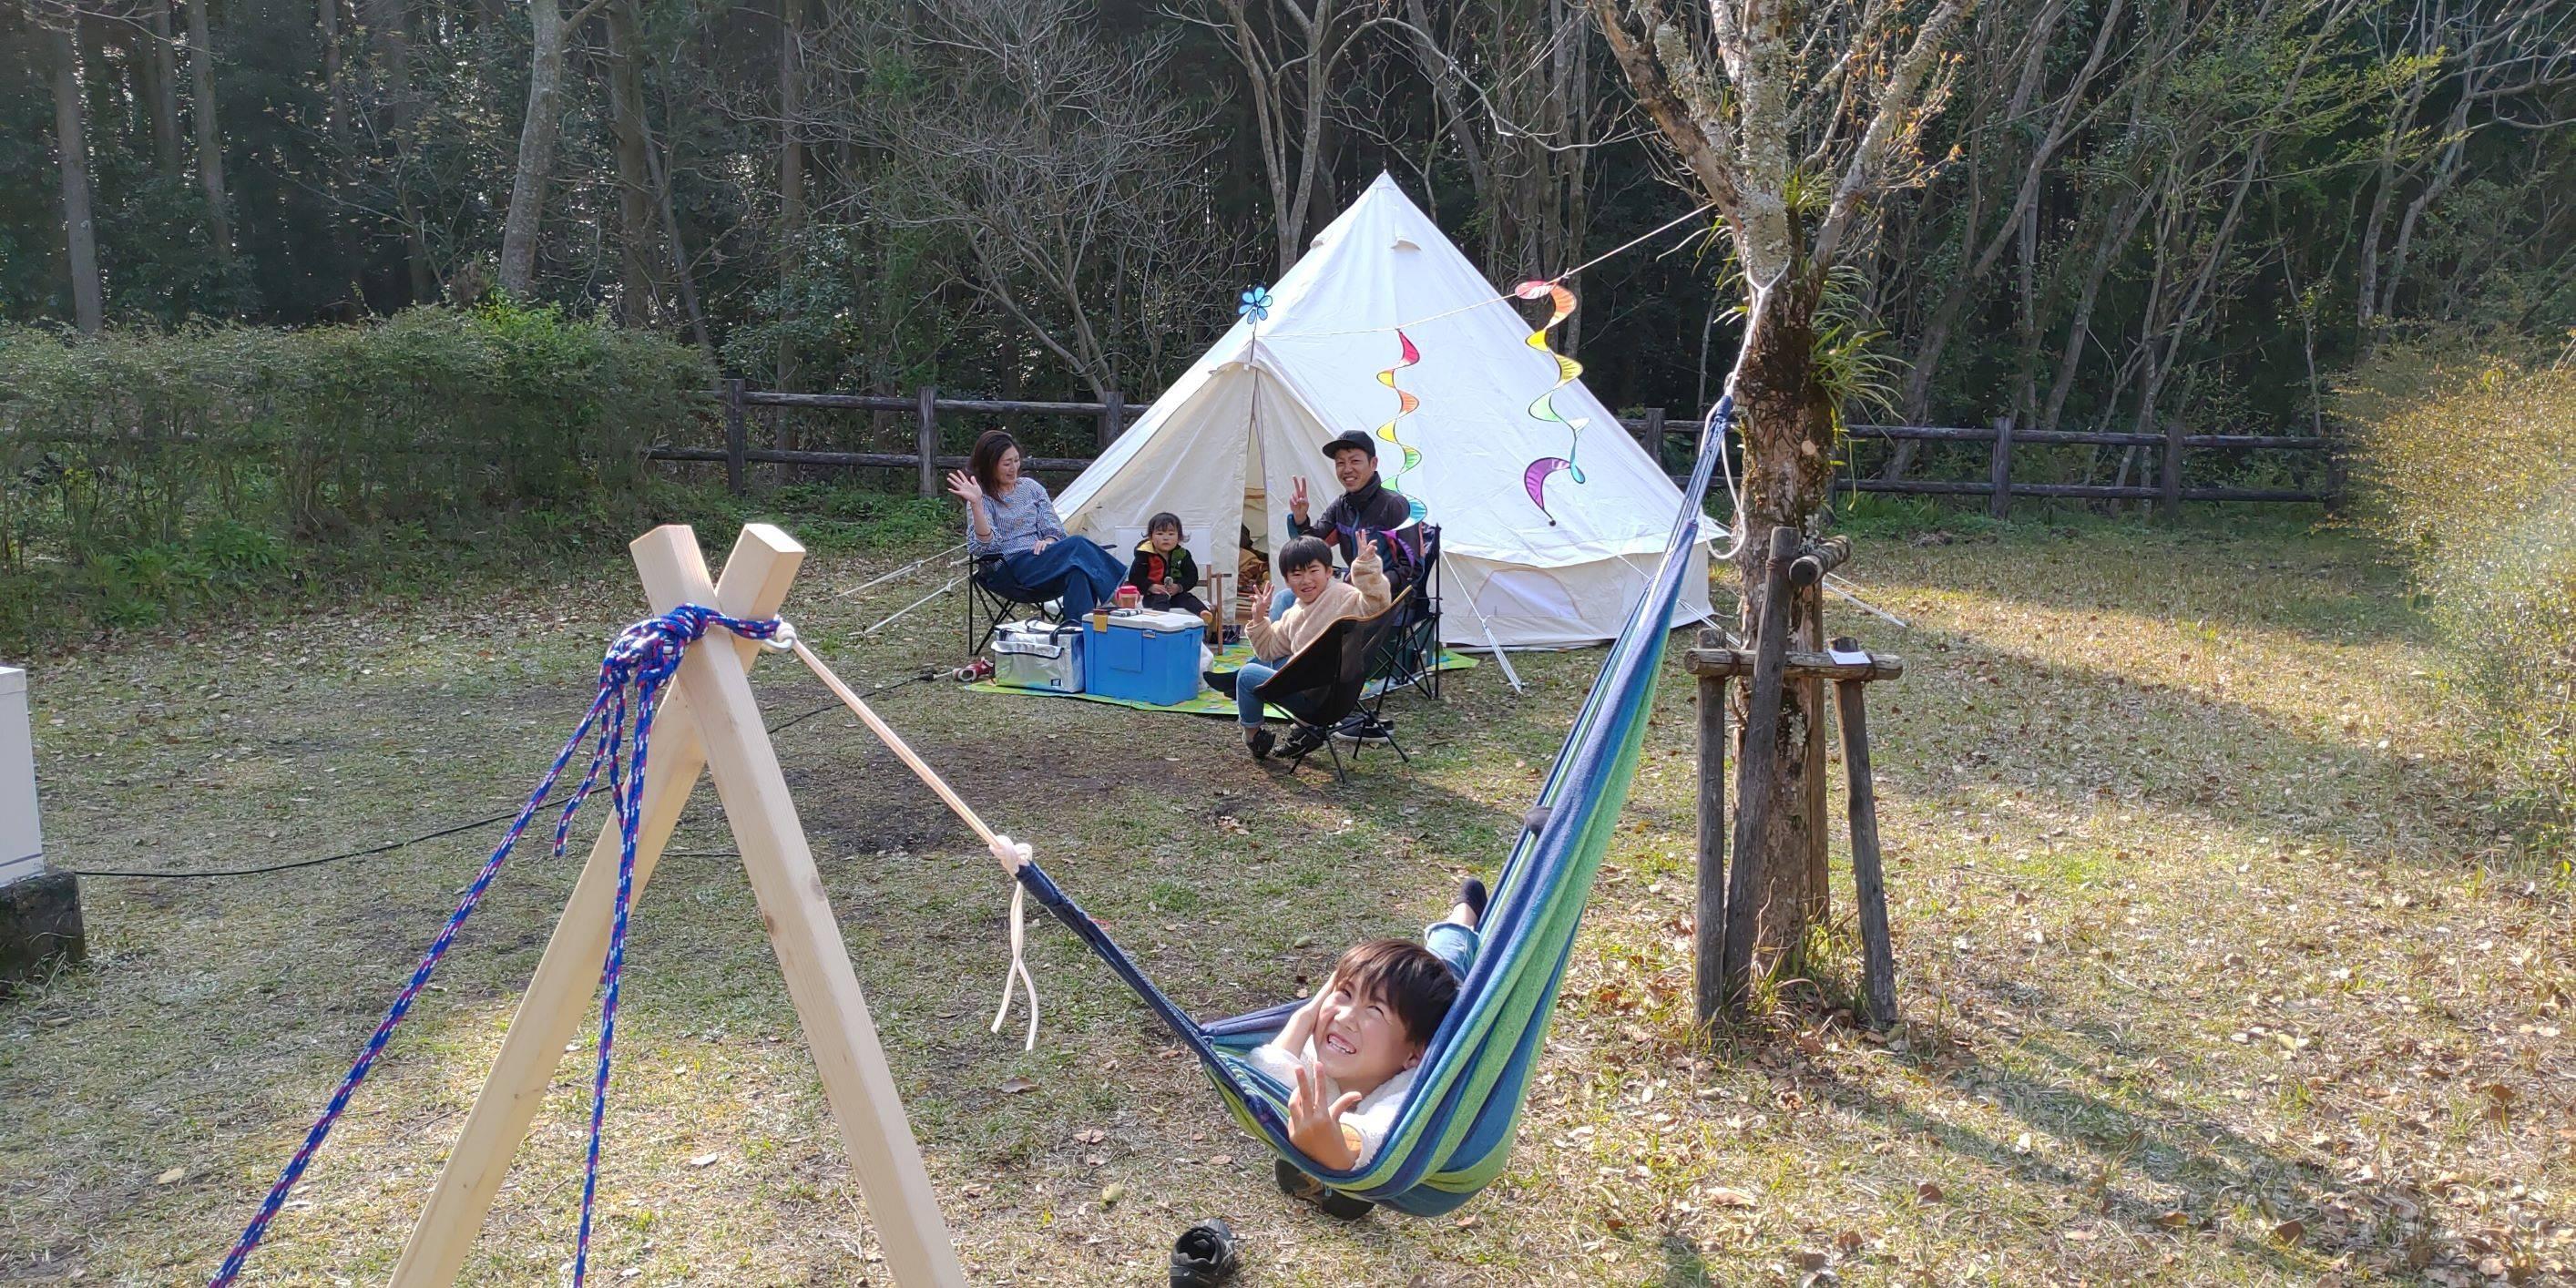 岩屋公園キャンプ場